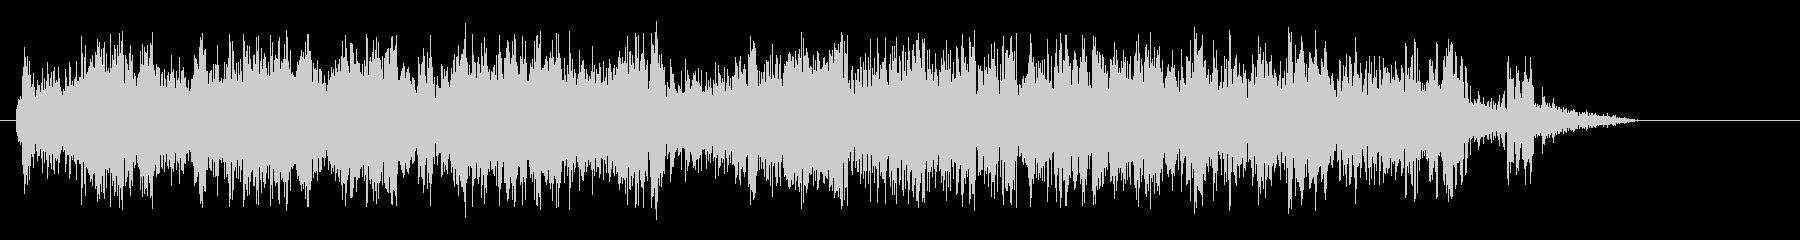 ジューイ↑(勢いのある効果音)の未再生の波形